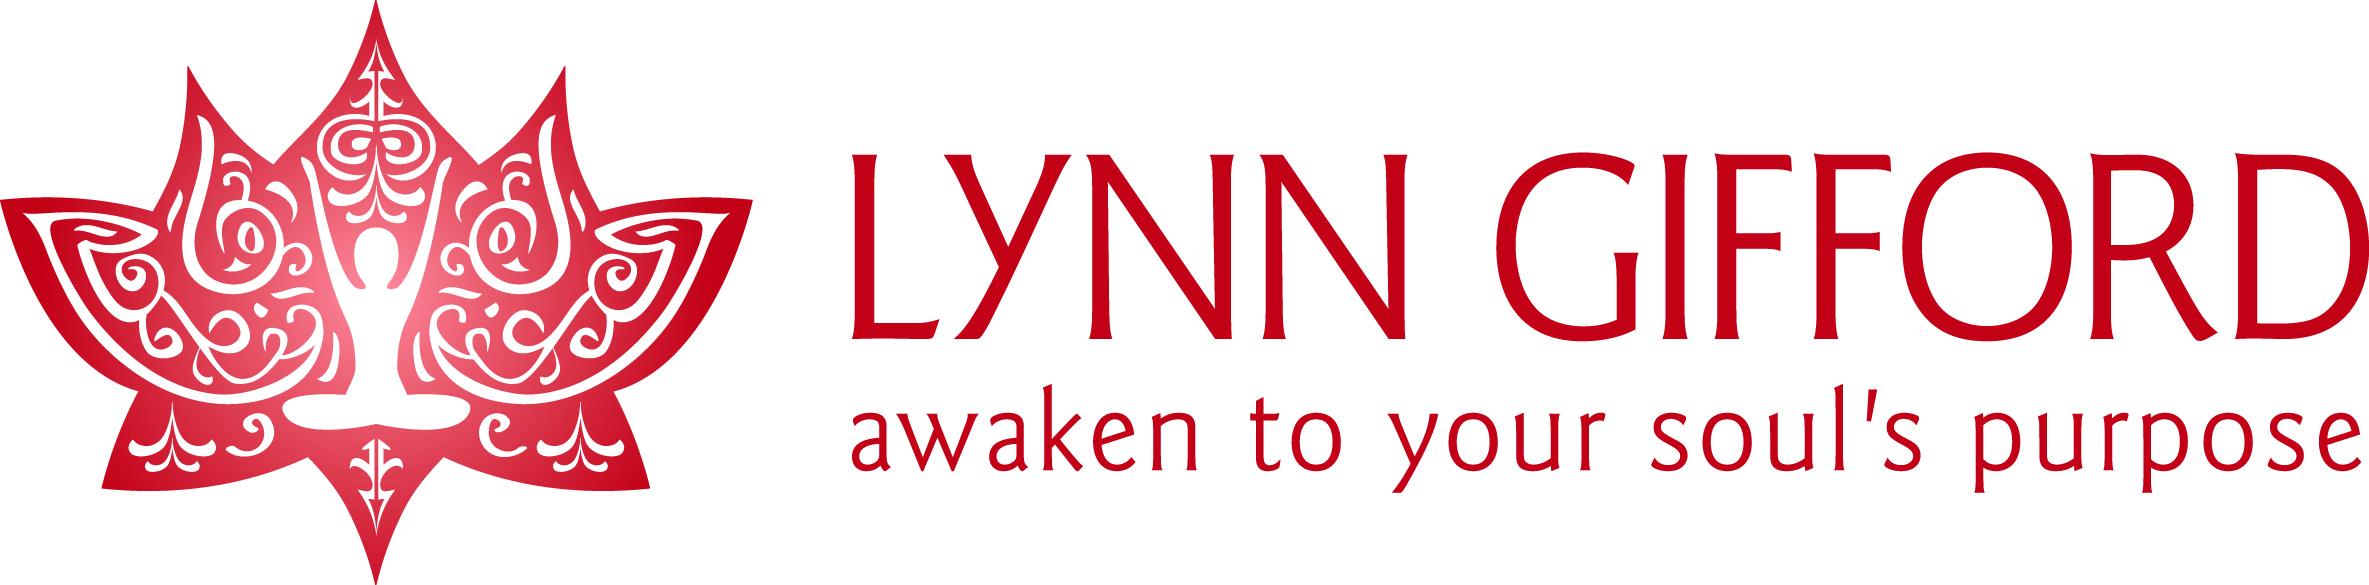 Lynngifford_color_logo